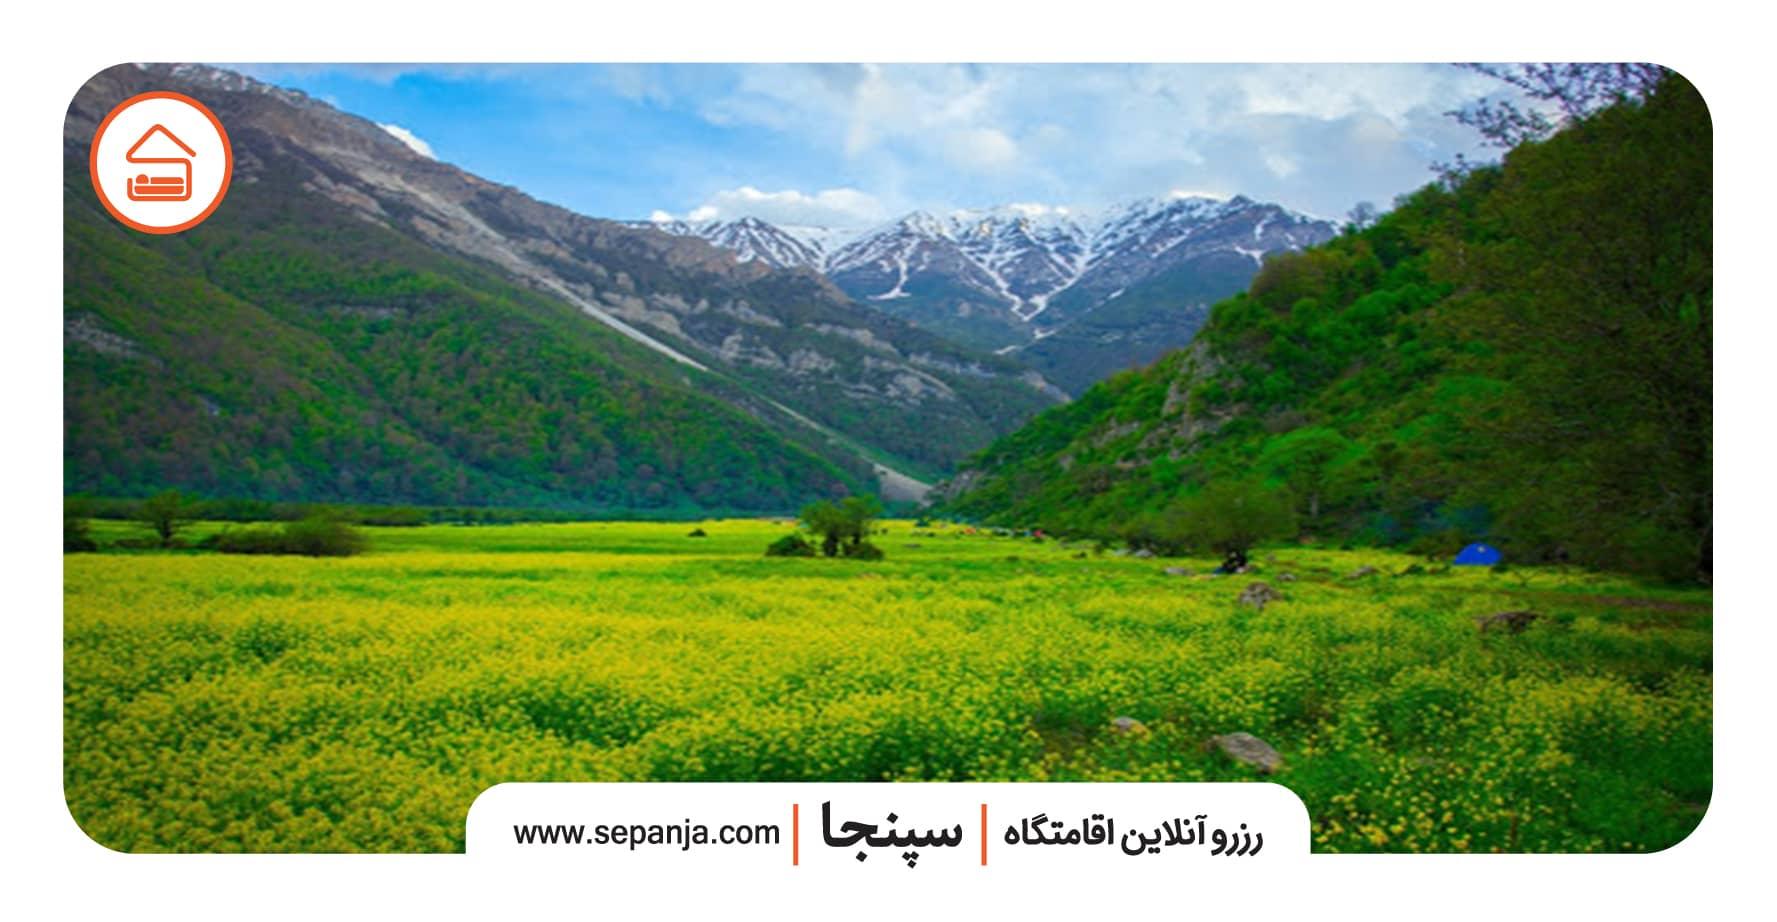 دشت دریاسر در استان مازندران